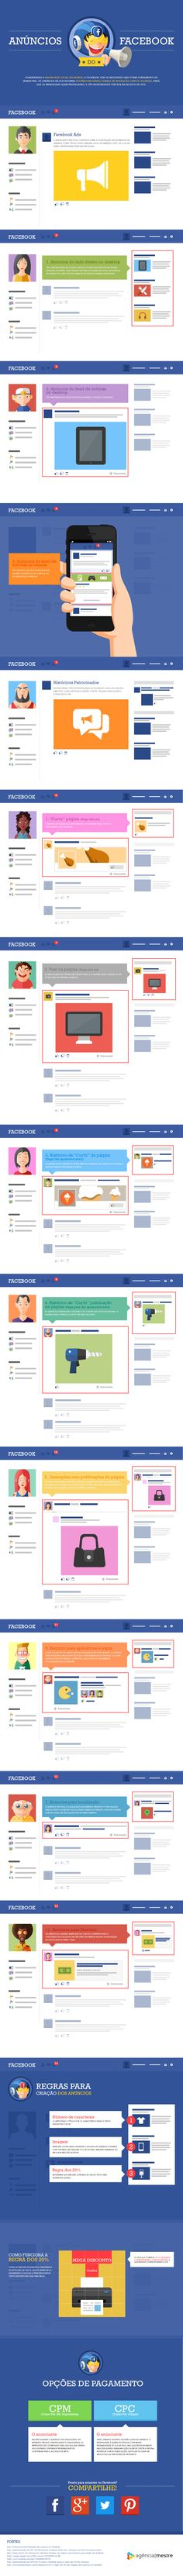 Infográfico - Anúncios do Facebook